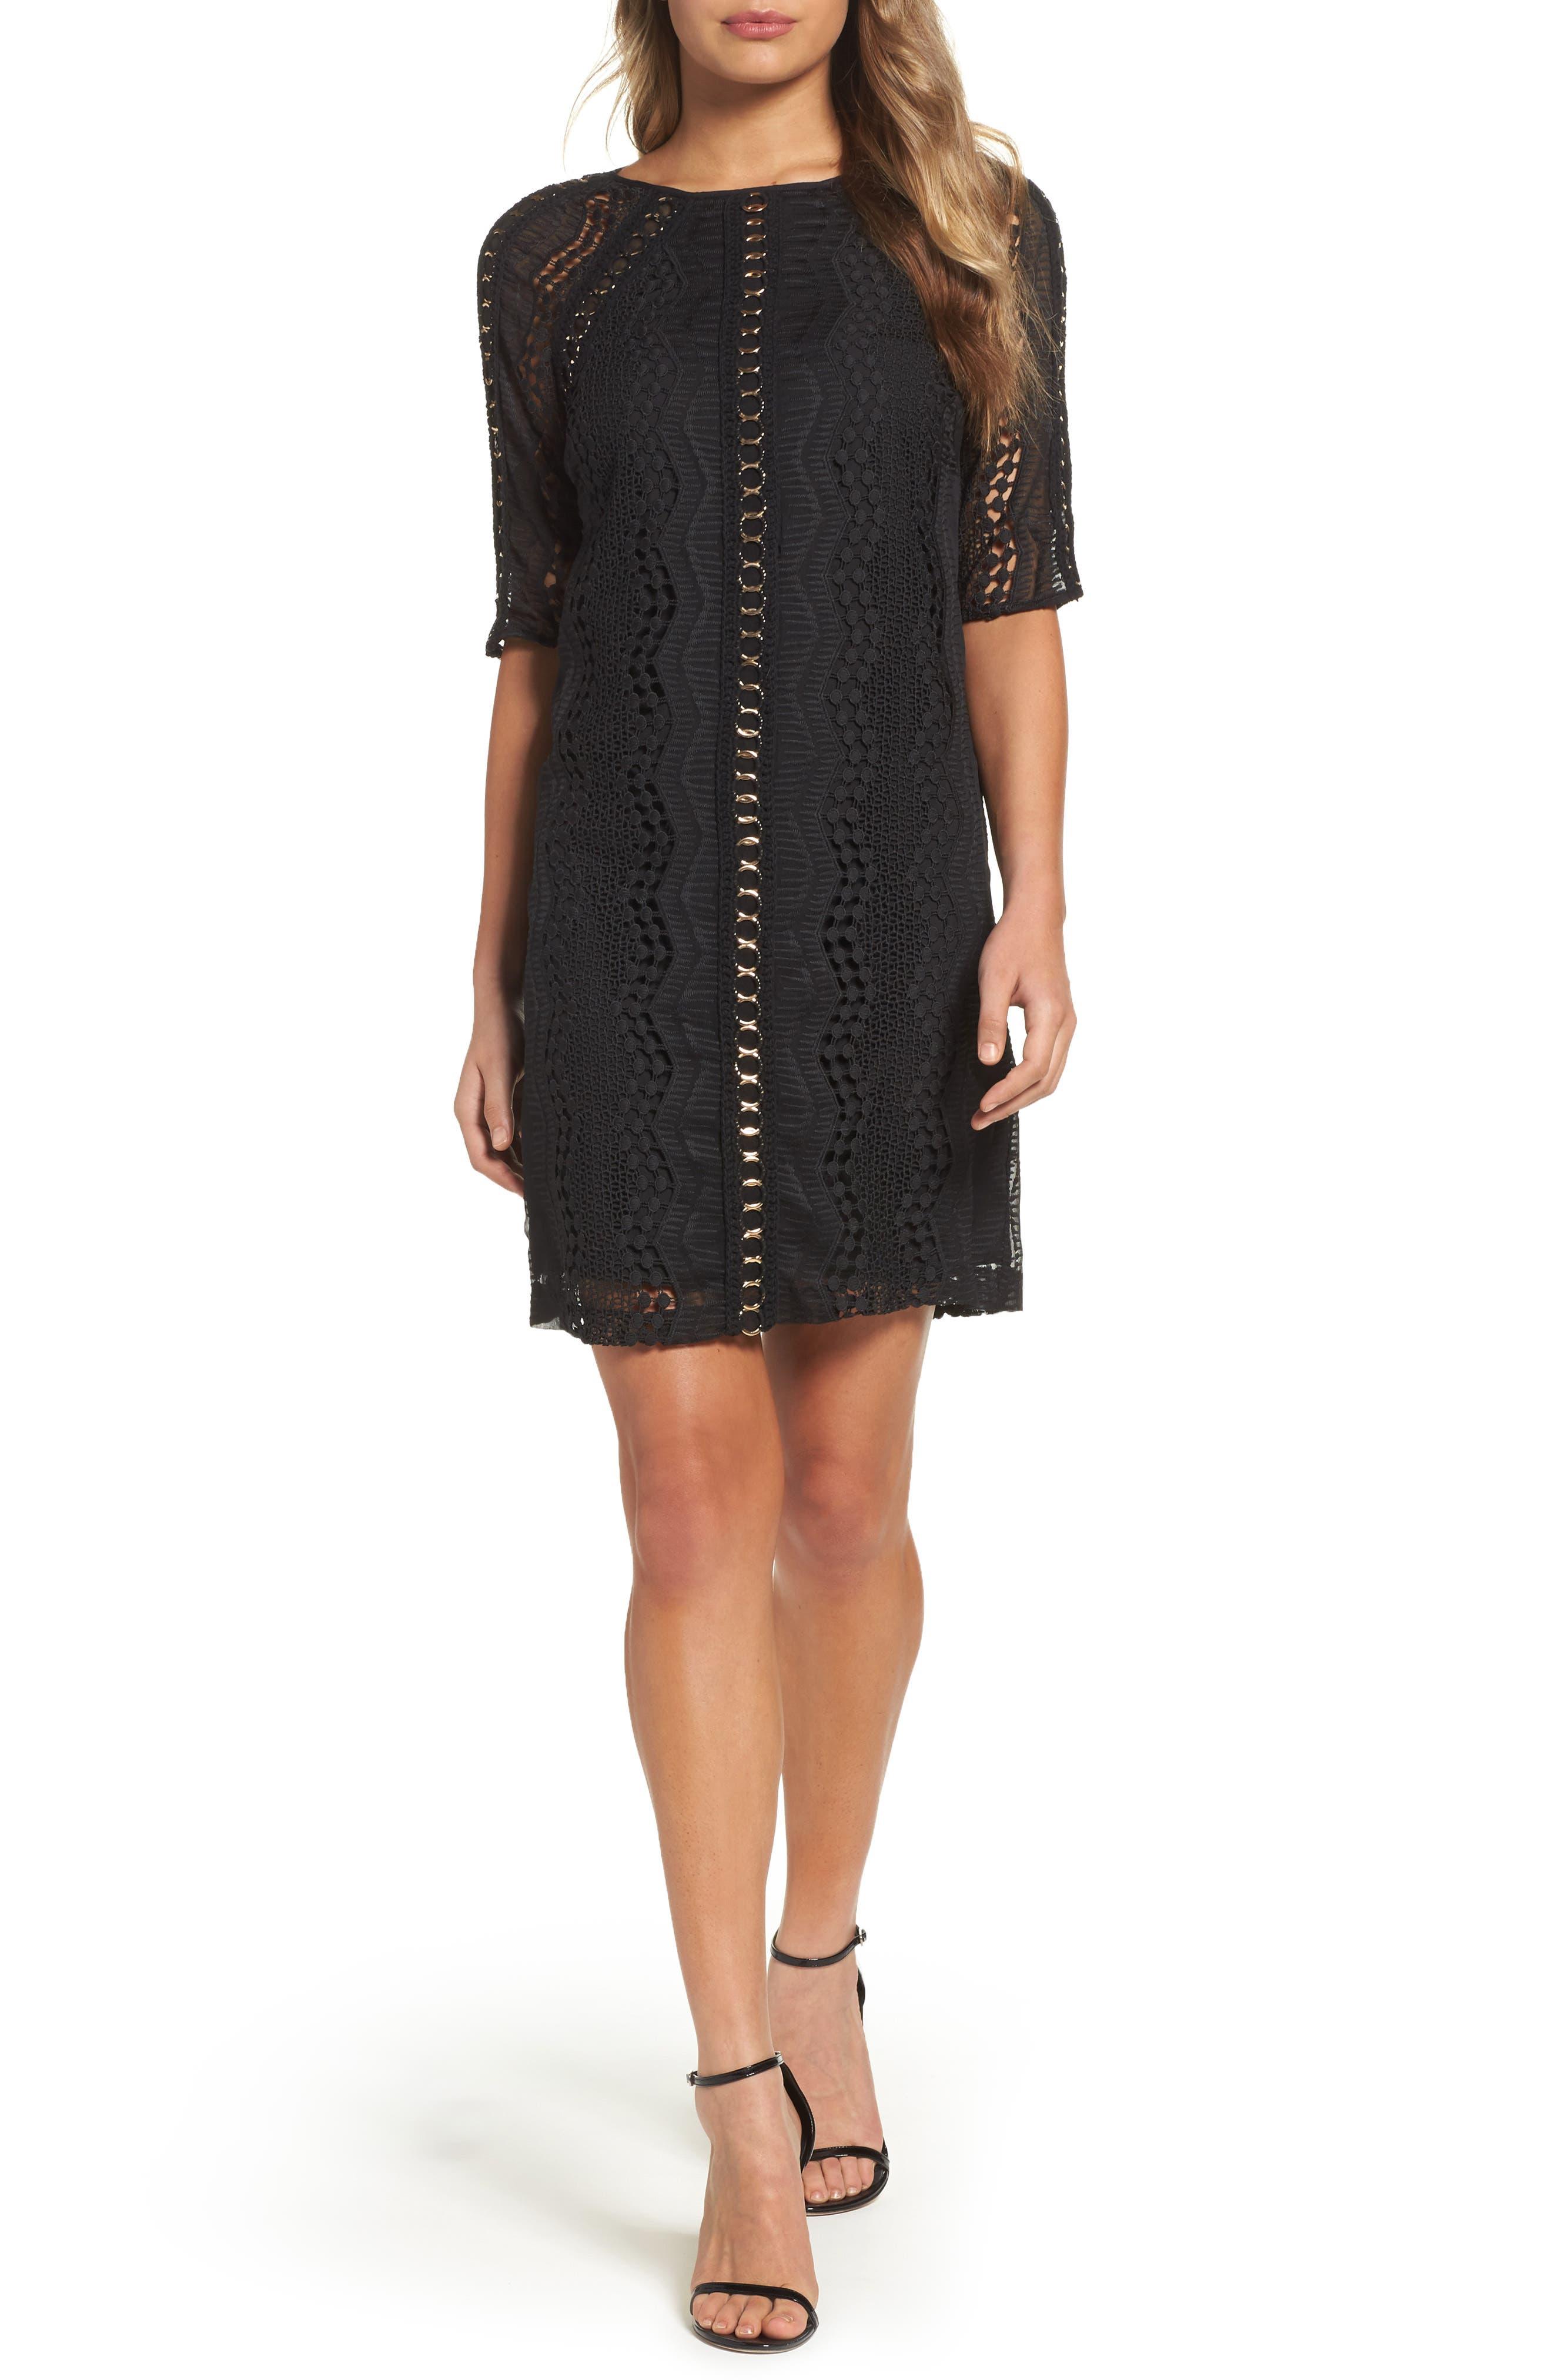 Badgley Mischka Macramé A-Line Dress